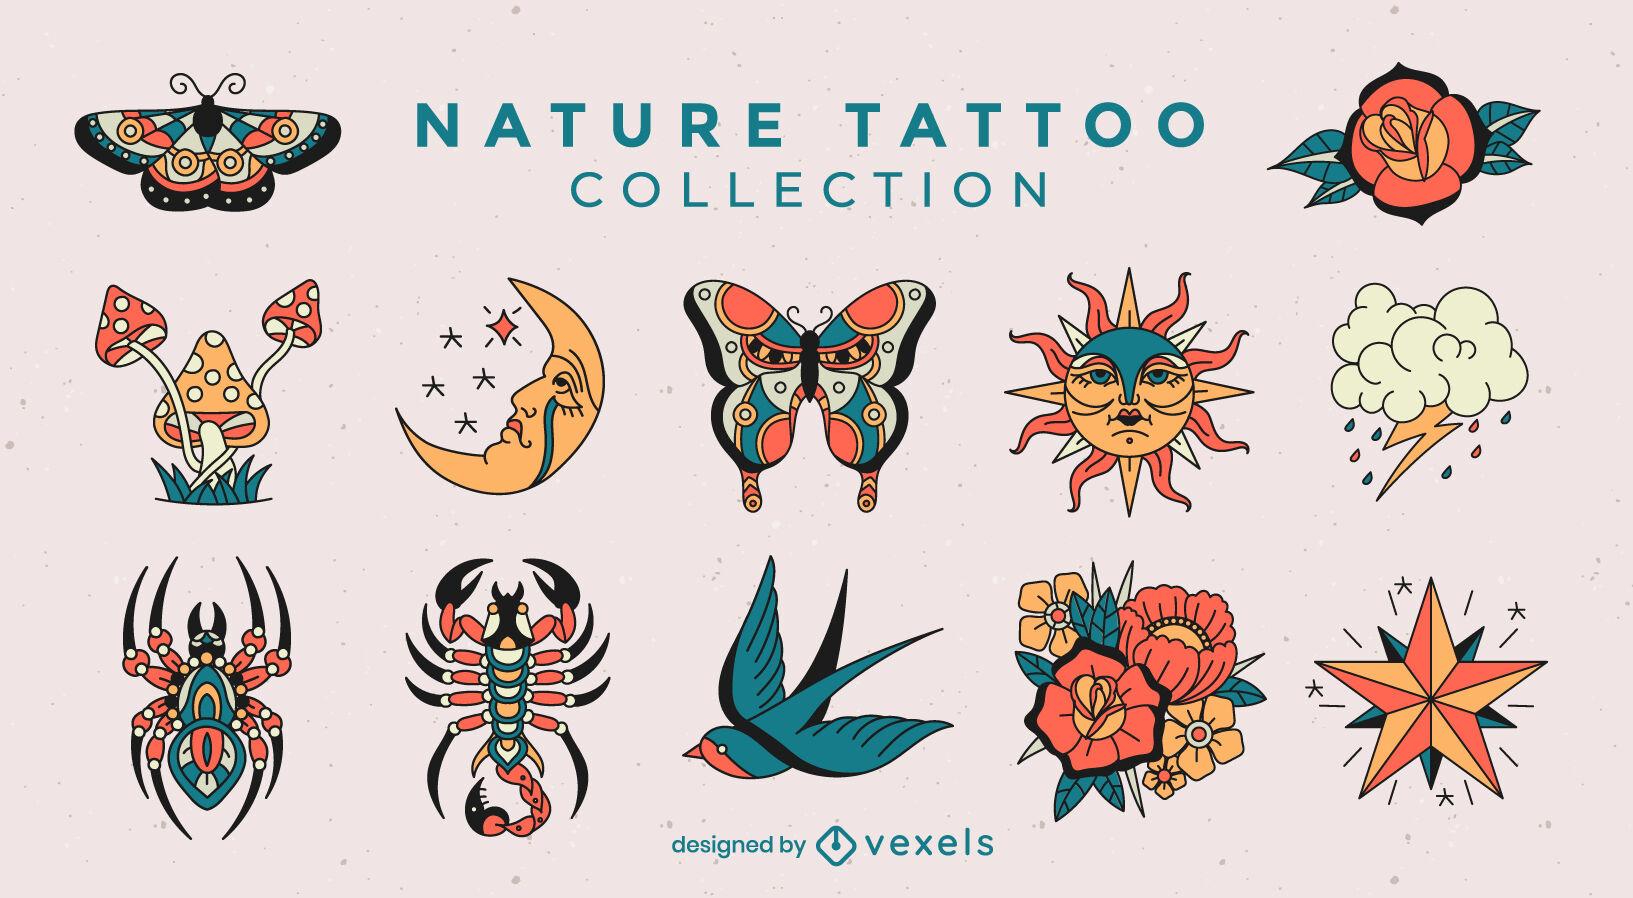 Elementos de la naturaleza en estilo tatuaje